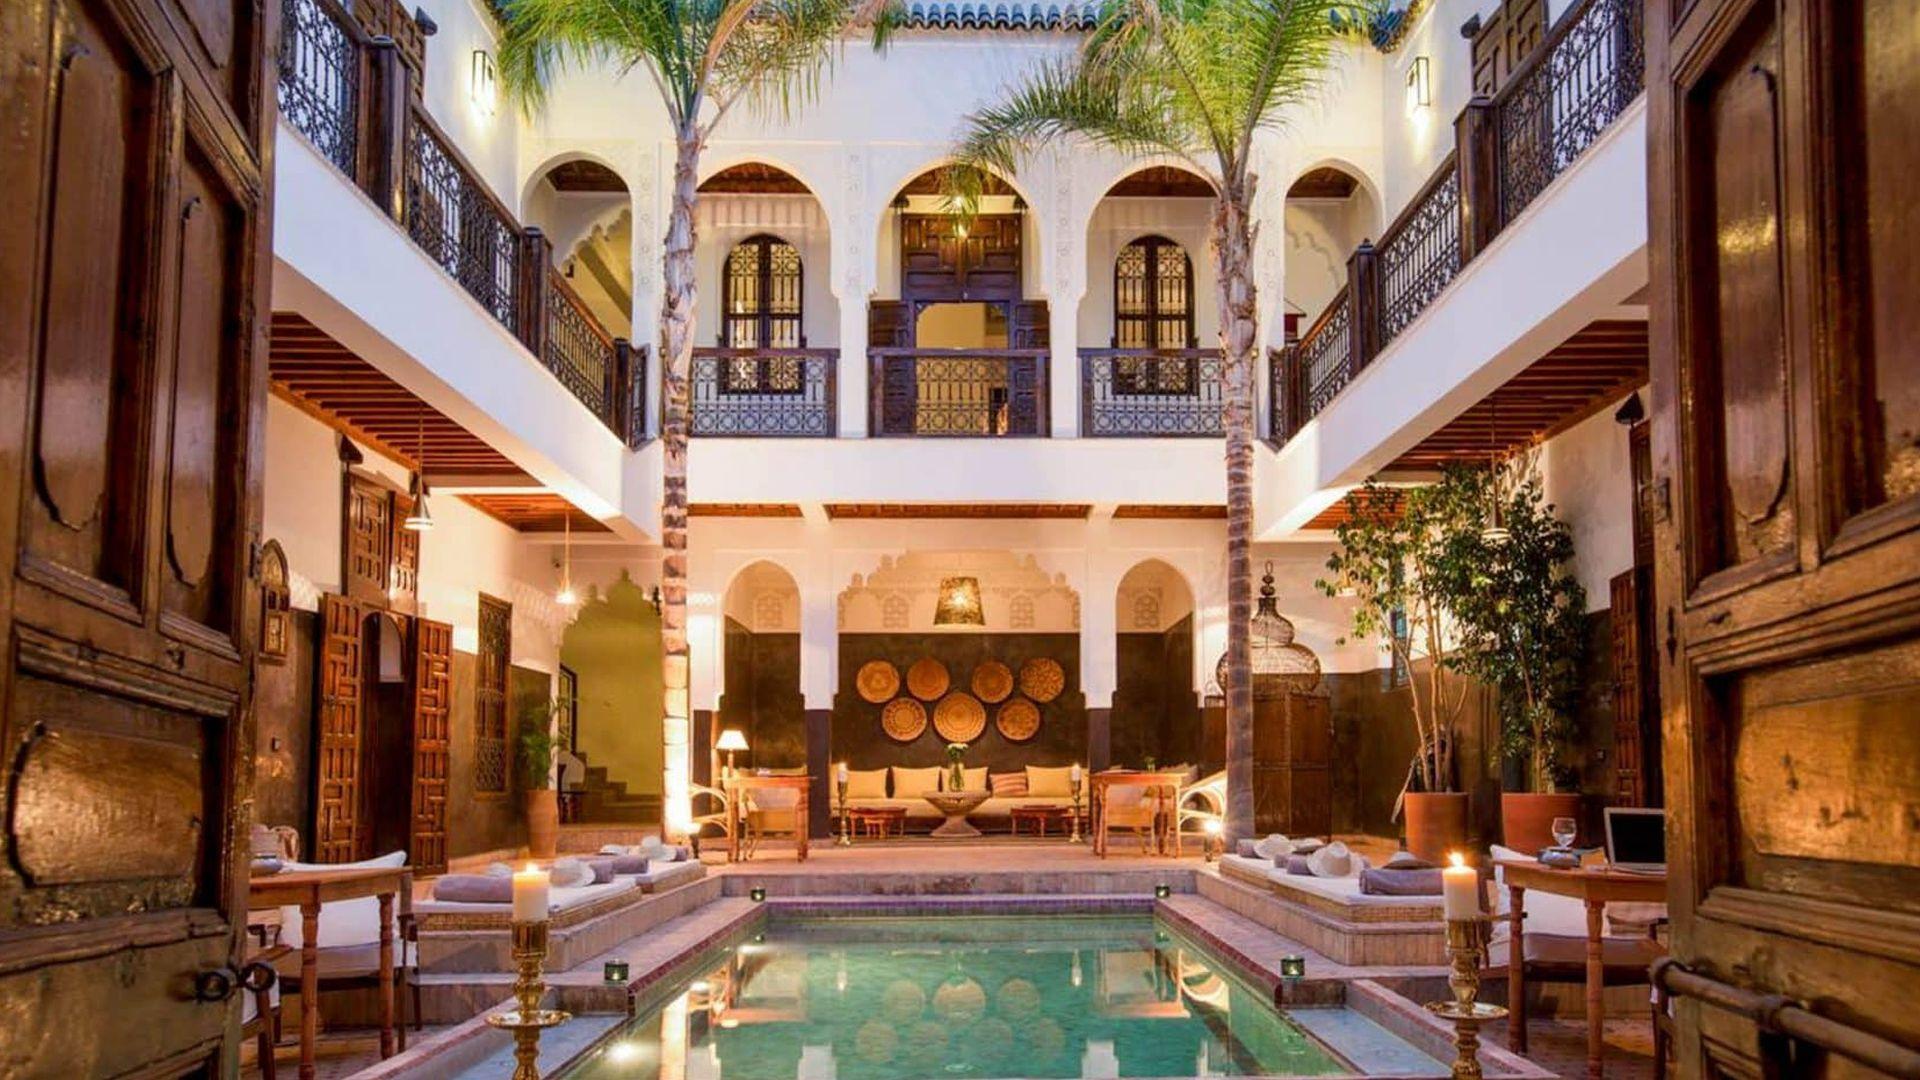 Riad Kasbah Marrakesh